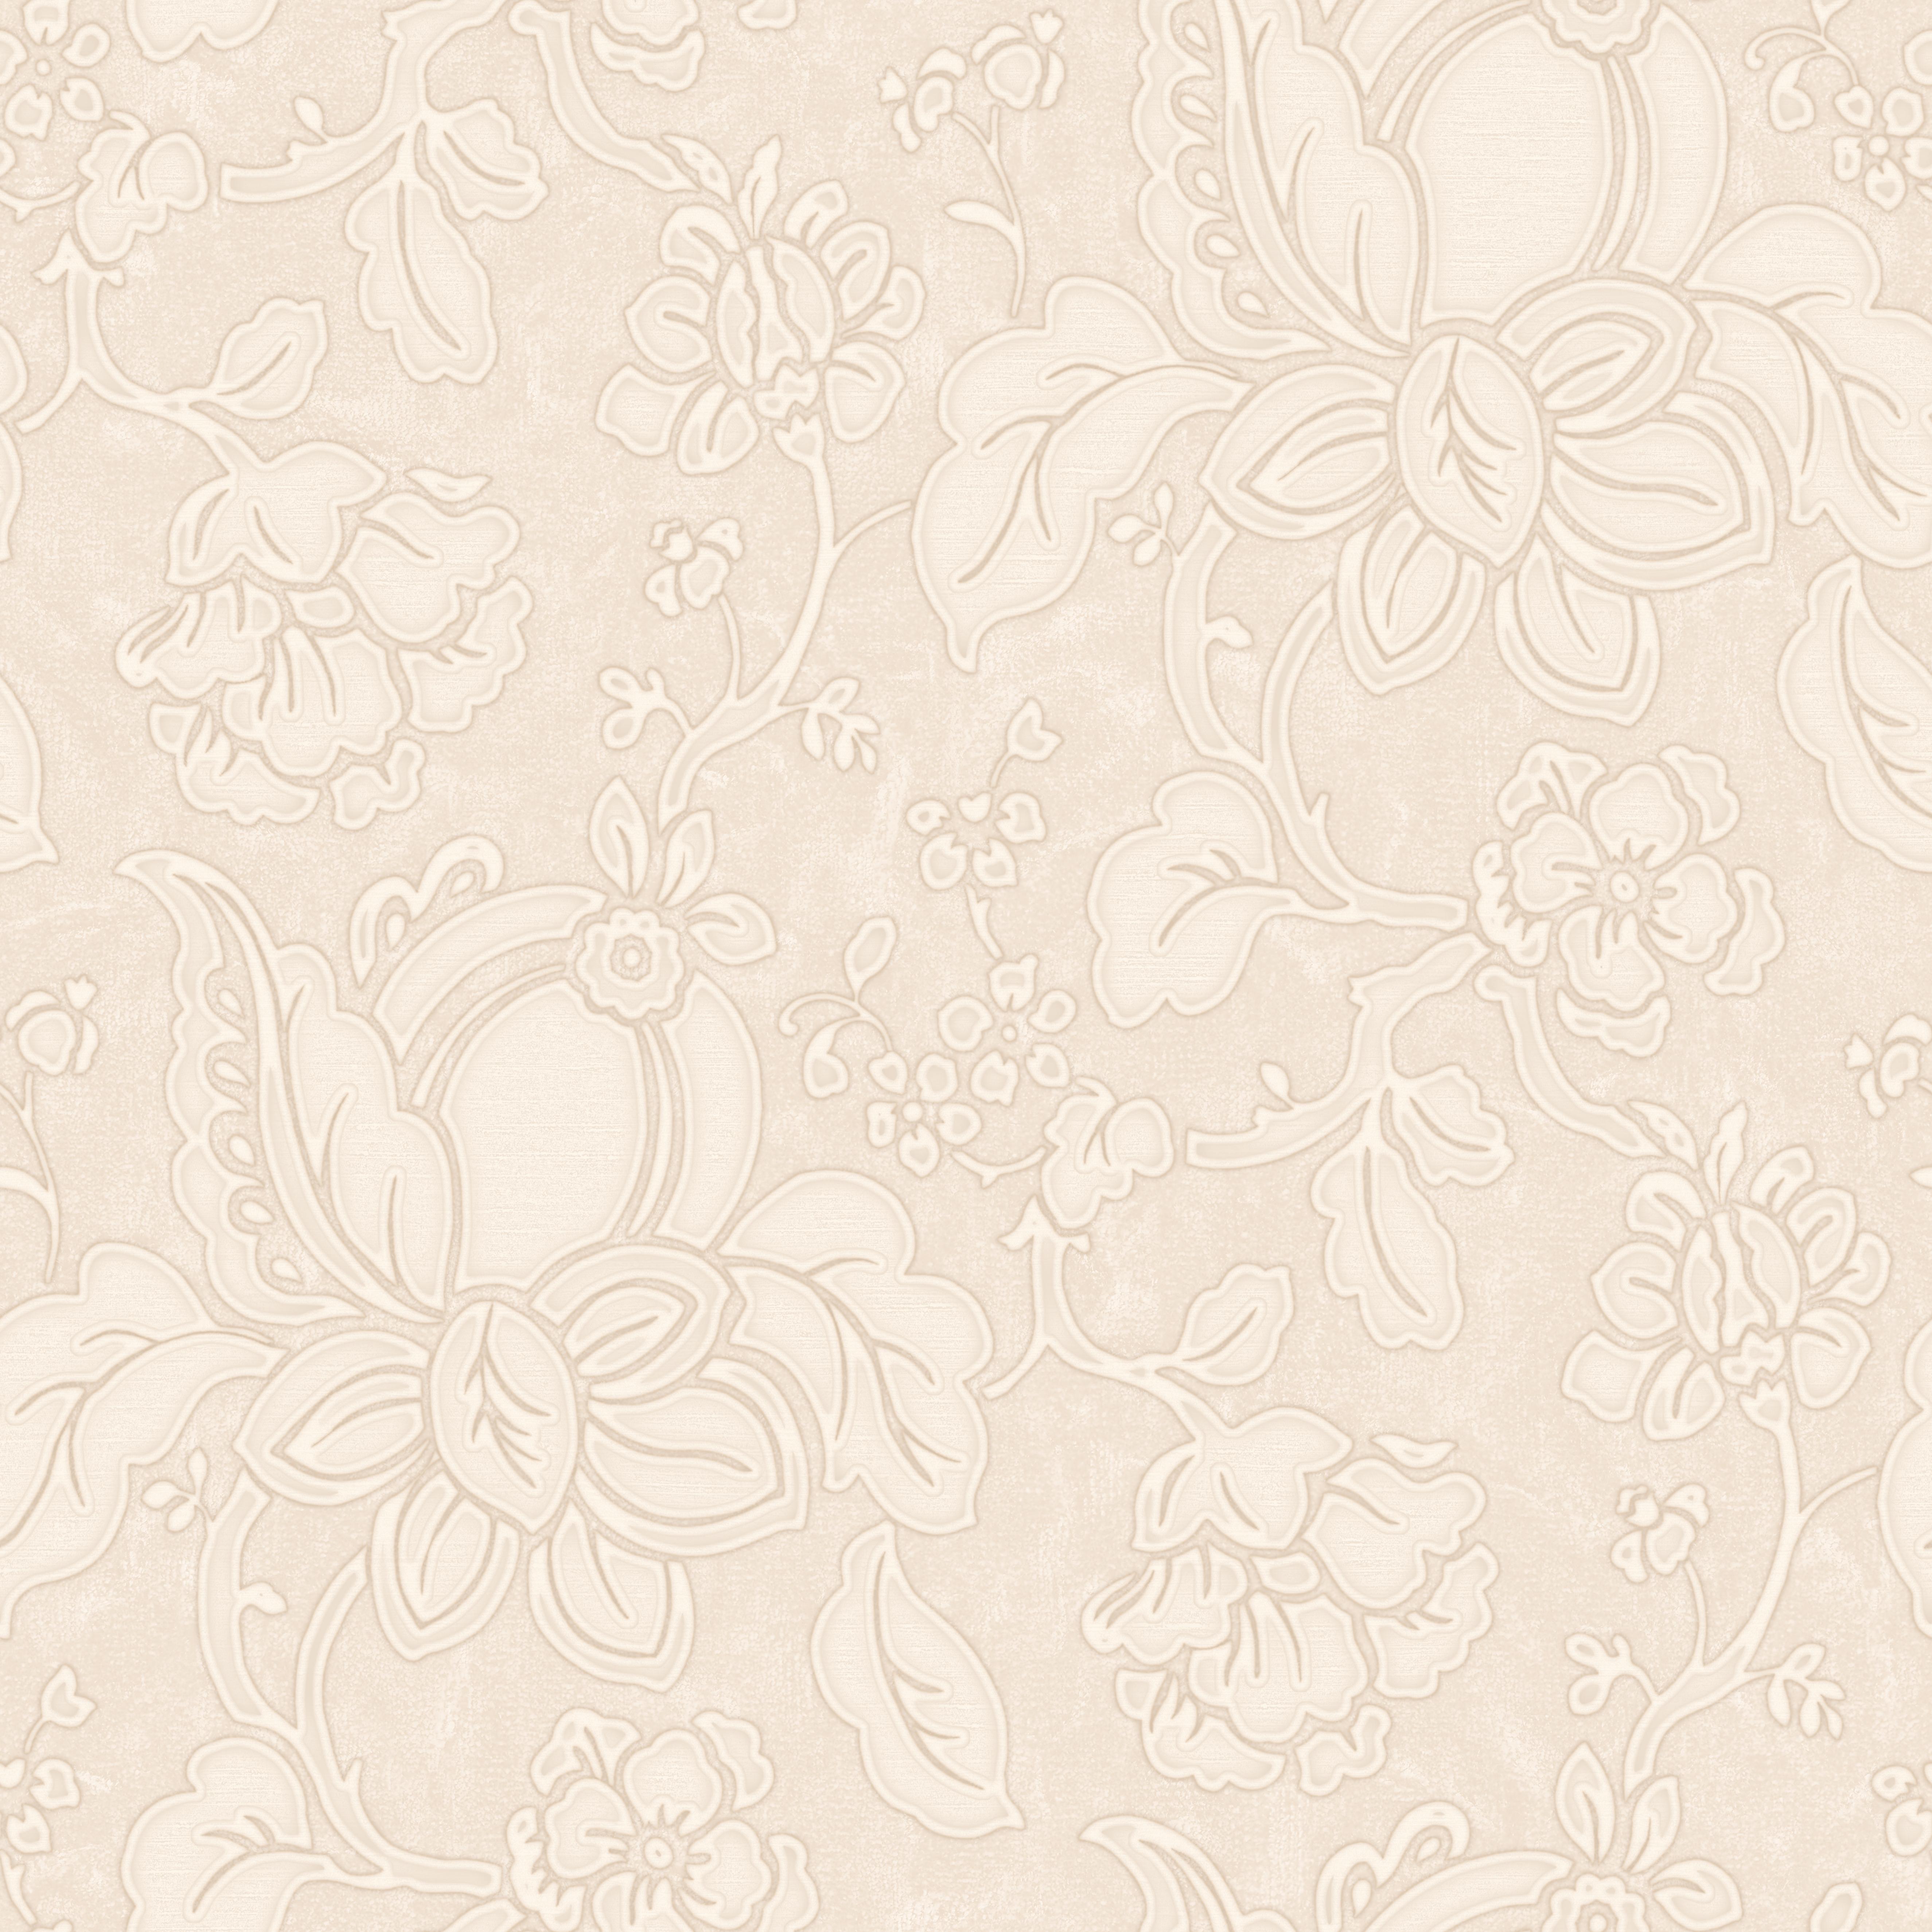 MUR 15186 Sabina Damask Cream WP L